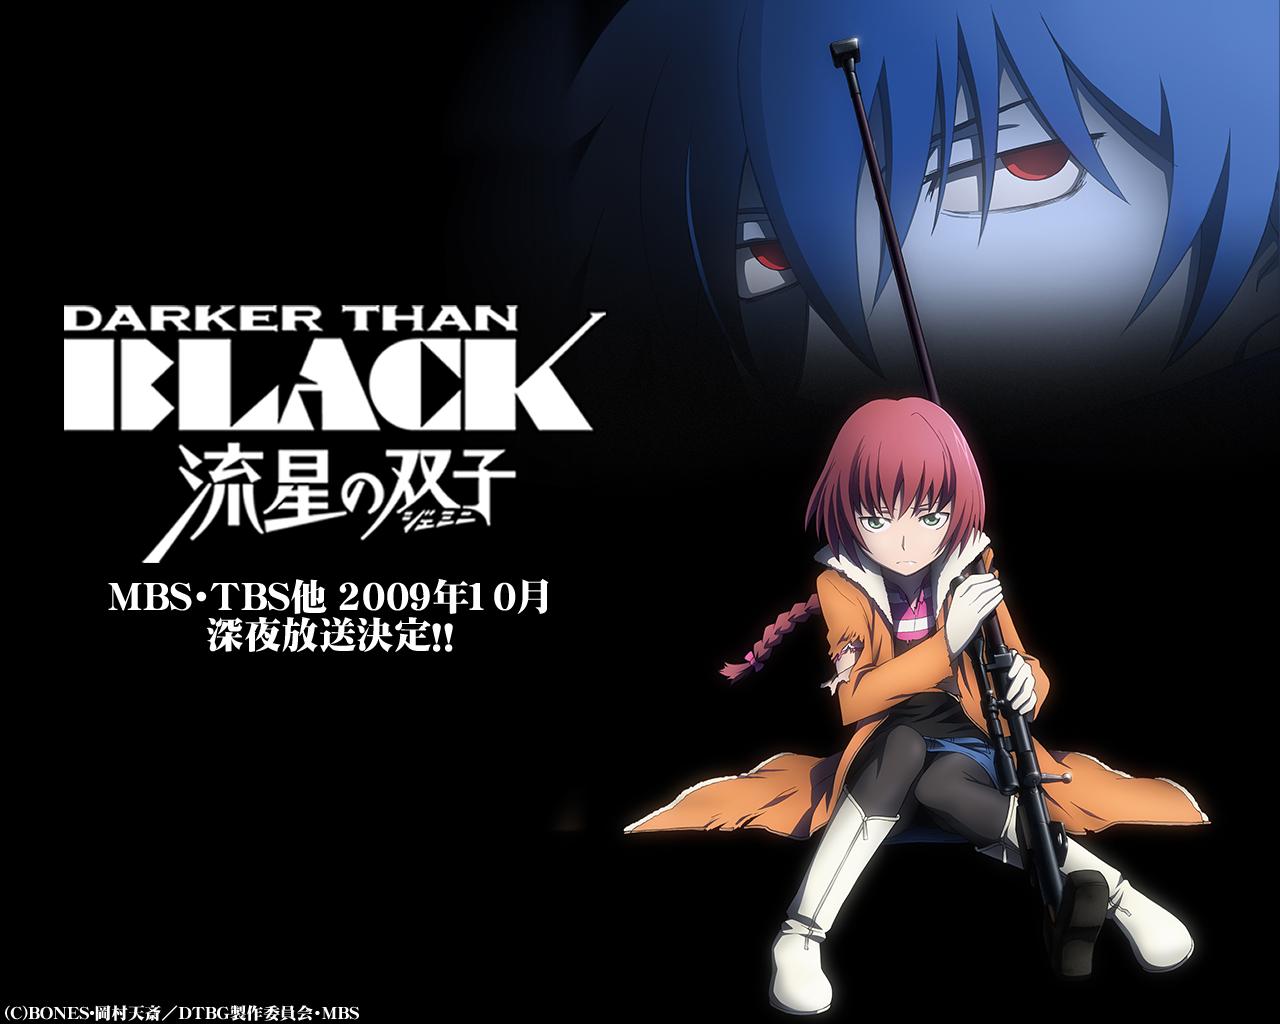 Darker Than Black Burning Series